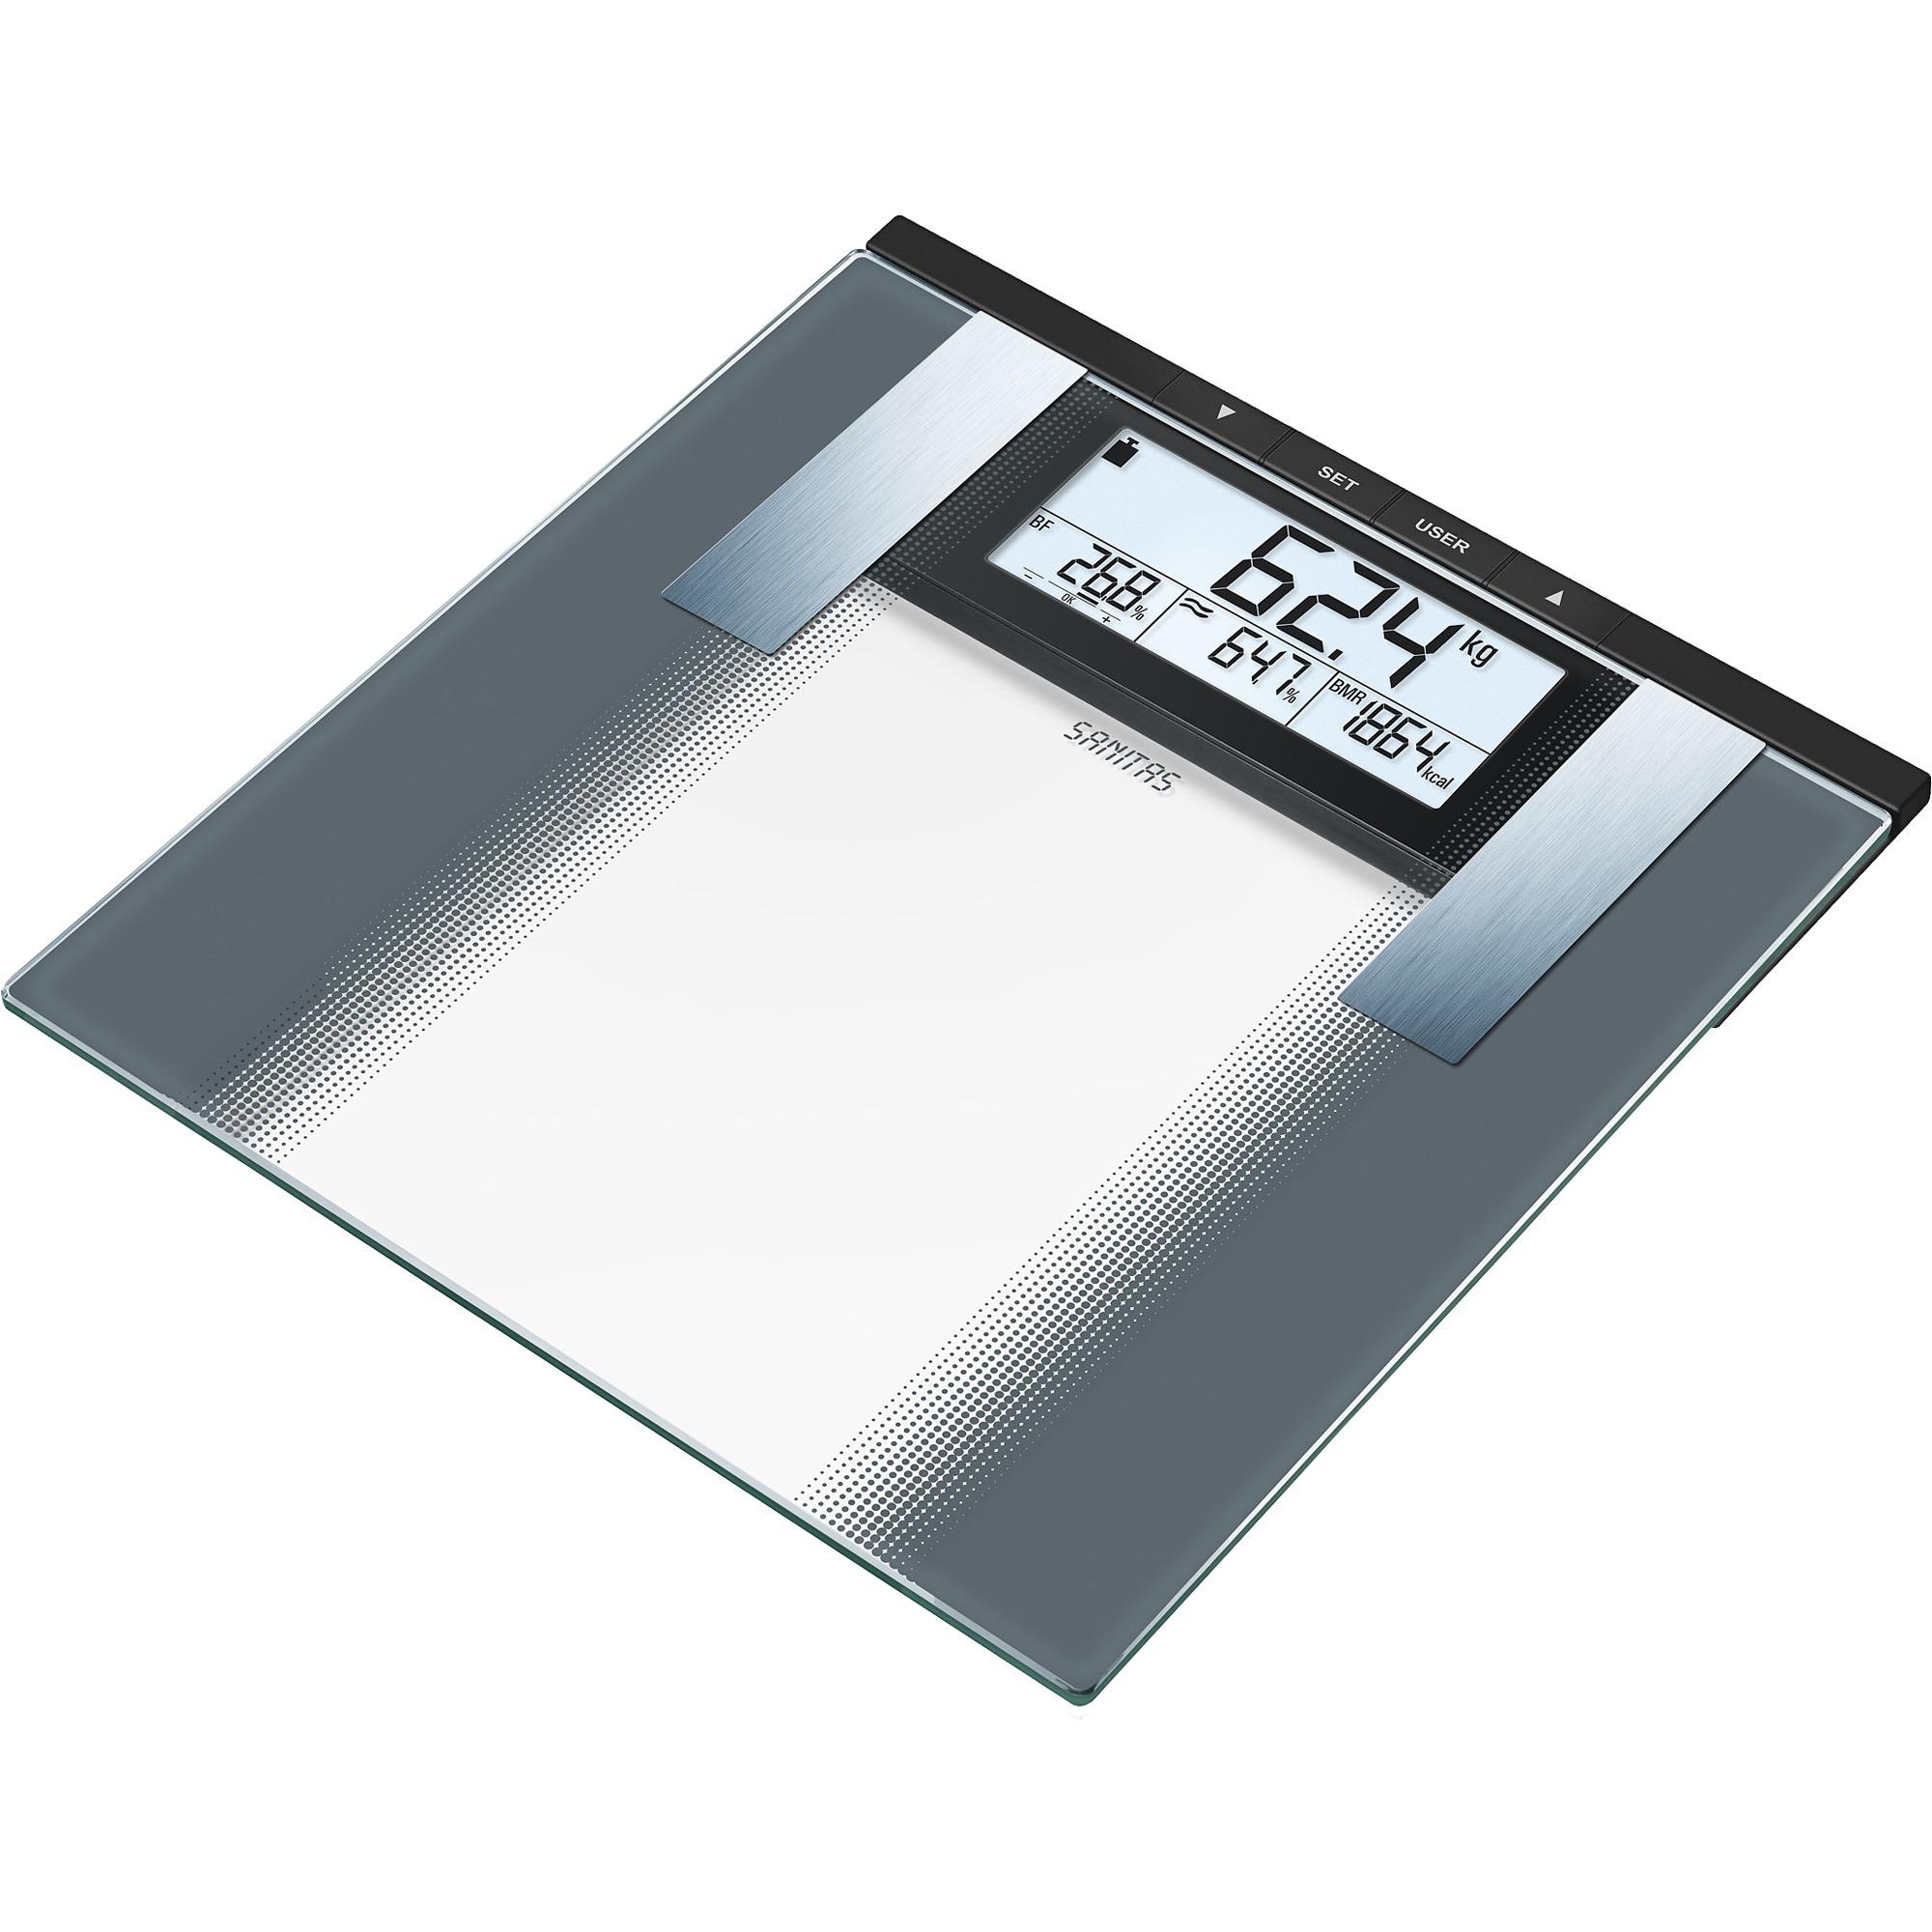 SBG 21 Báscula personal electrónica Plata, Balanza